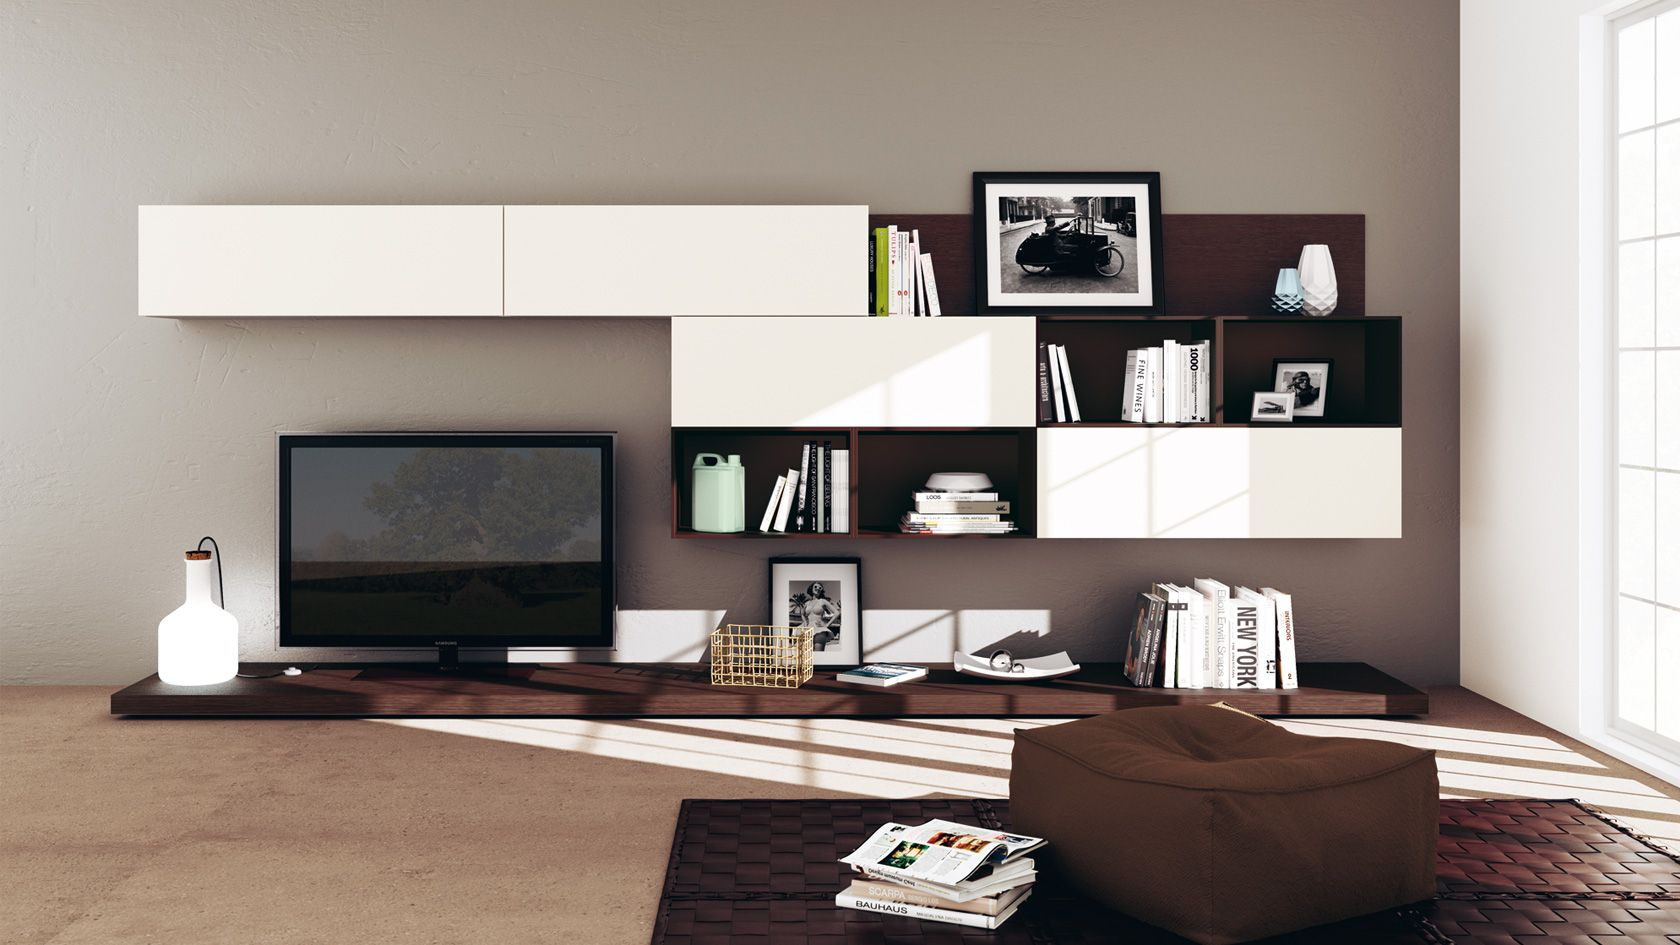 arredamento soggiorno feel e scenery | sito ufficiale scavolini ... - Arredamento Design Living